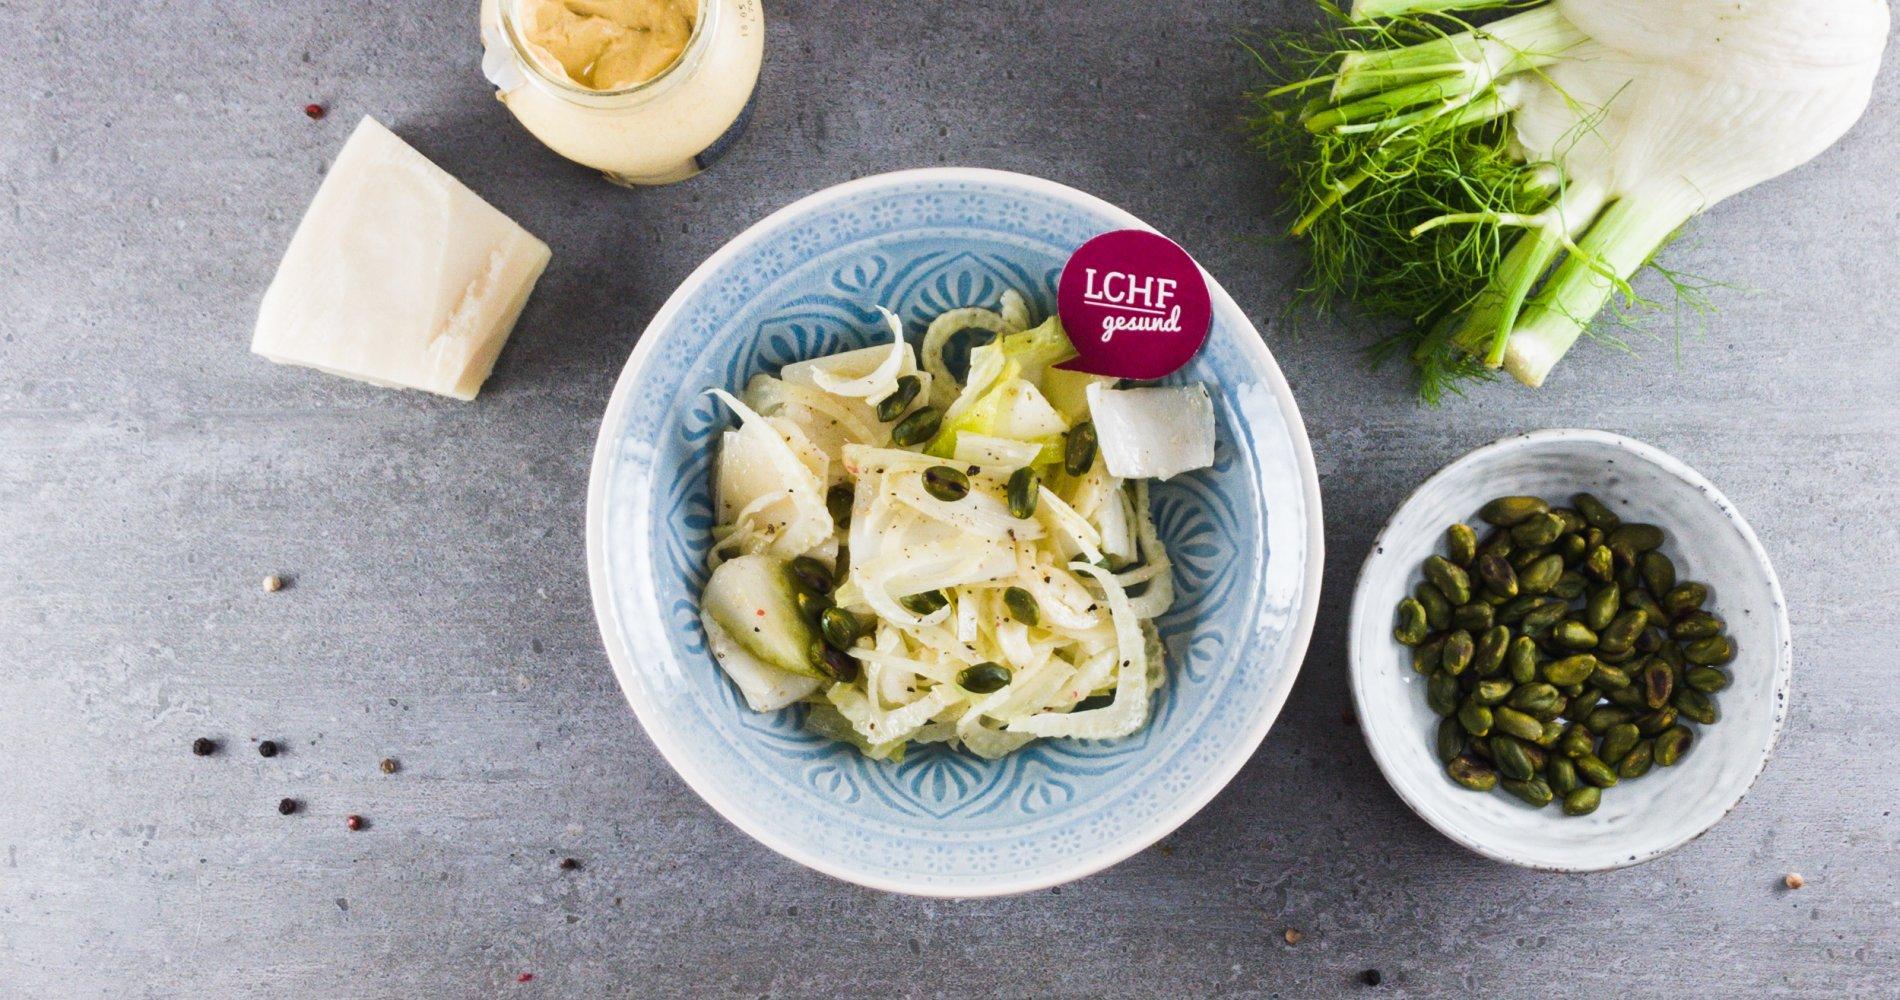 Rezept Low Carb: Fenchel-Chicorée-Salat - LCHF-gesund.de